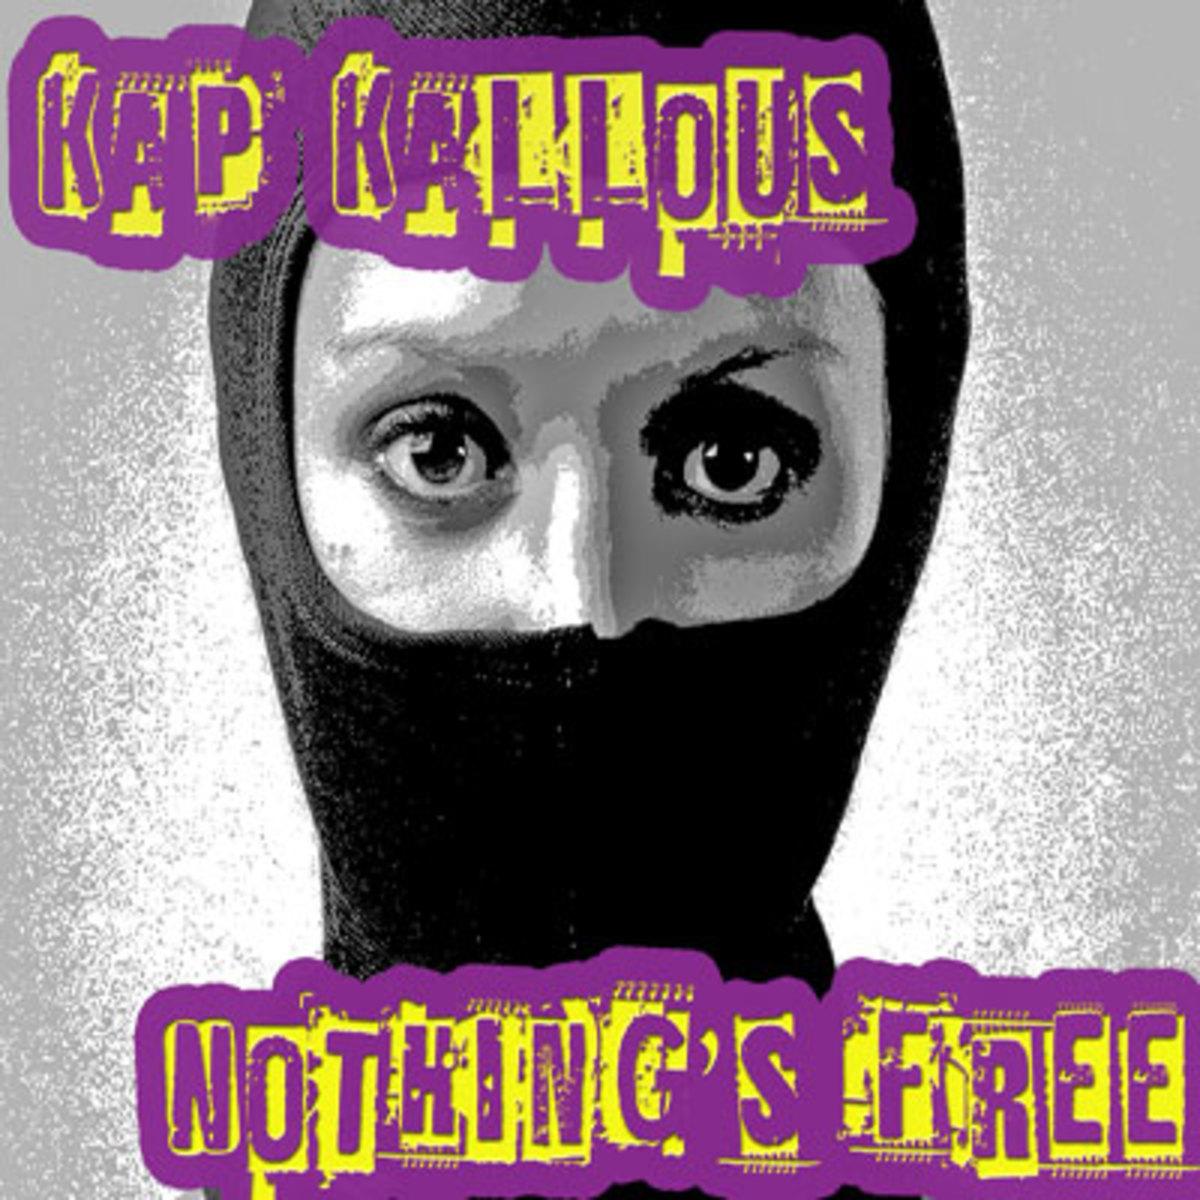 kapkallous-nothingsfree.jpg